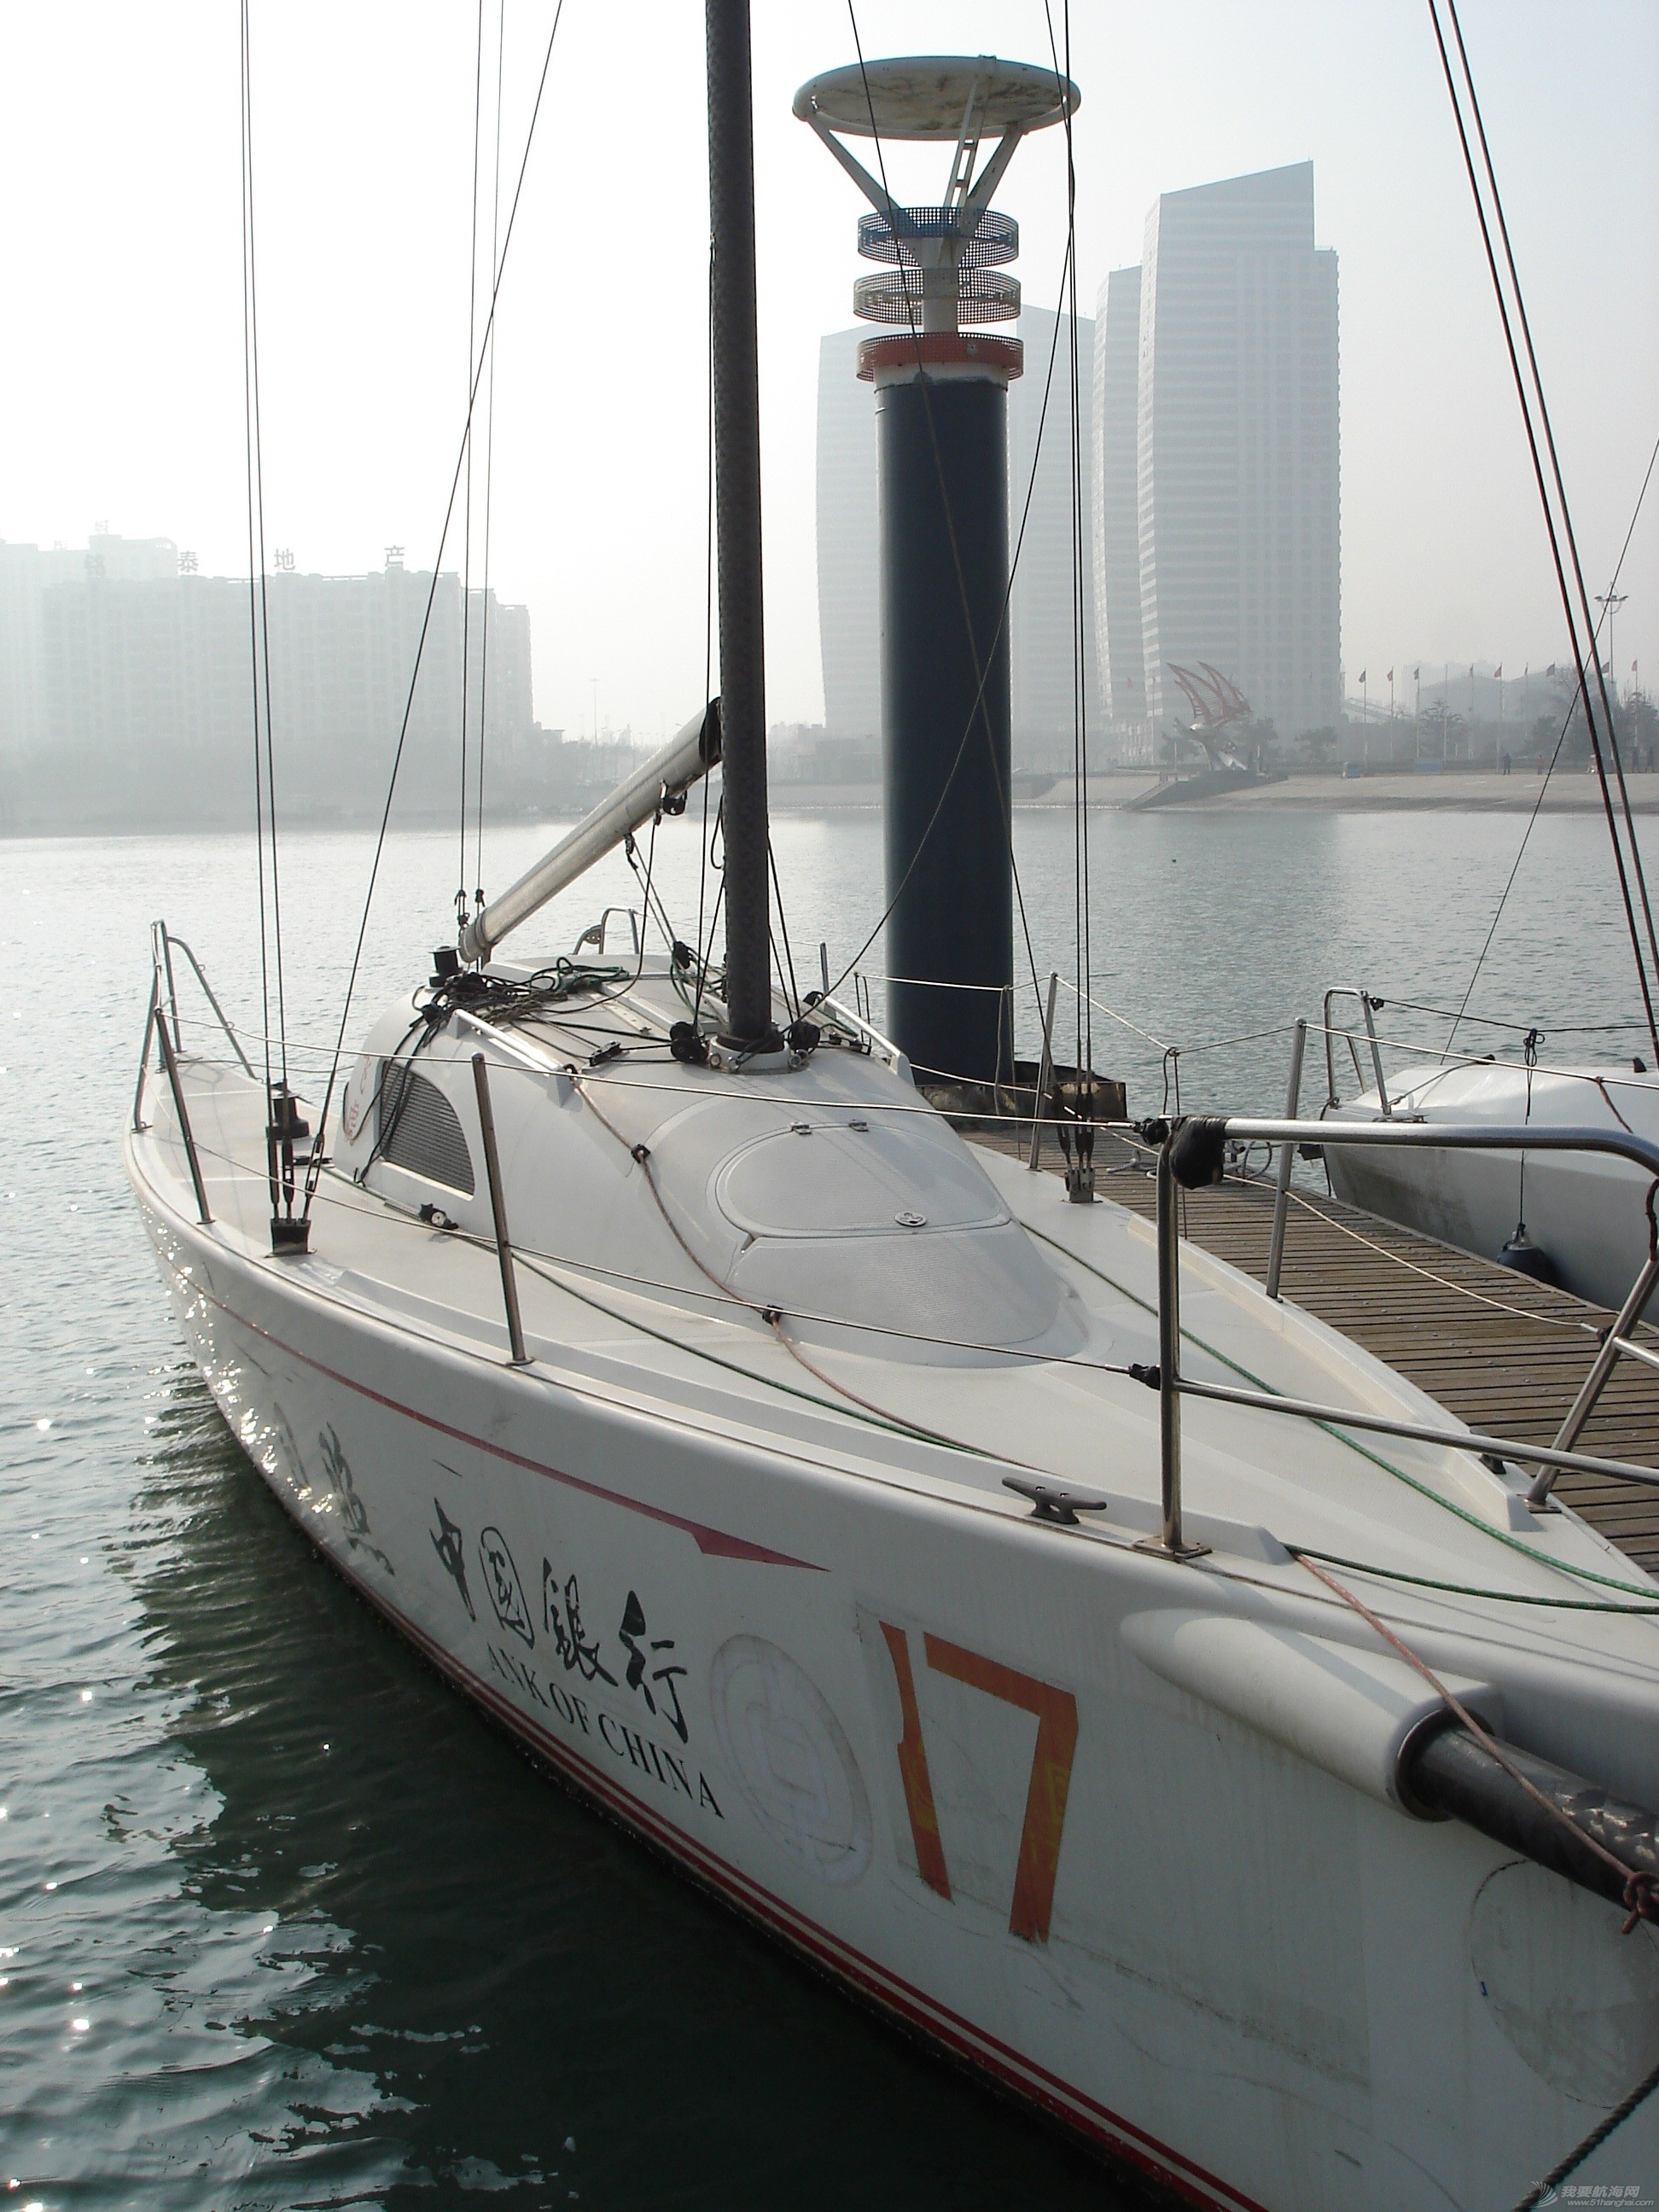 帆船 免费航海不是梦…我是十四期学员(我要去航海/全民公益航海帆船训练) DSC02076.JPG